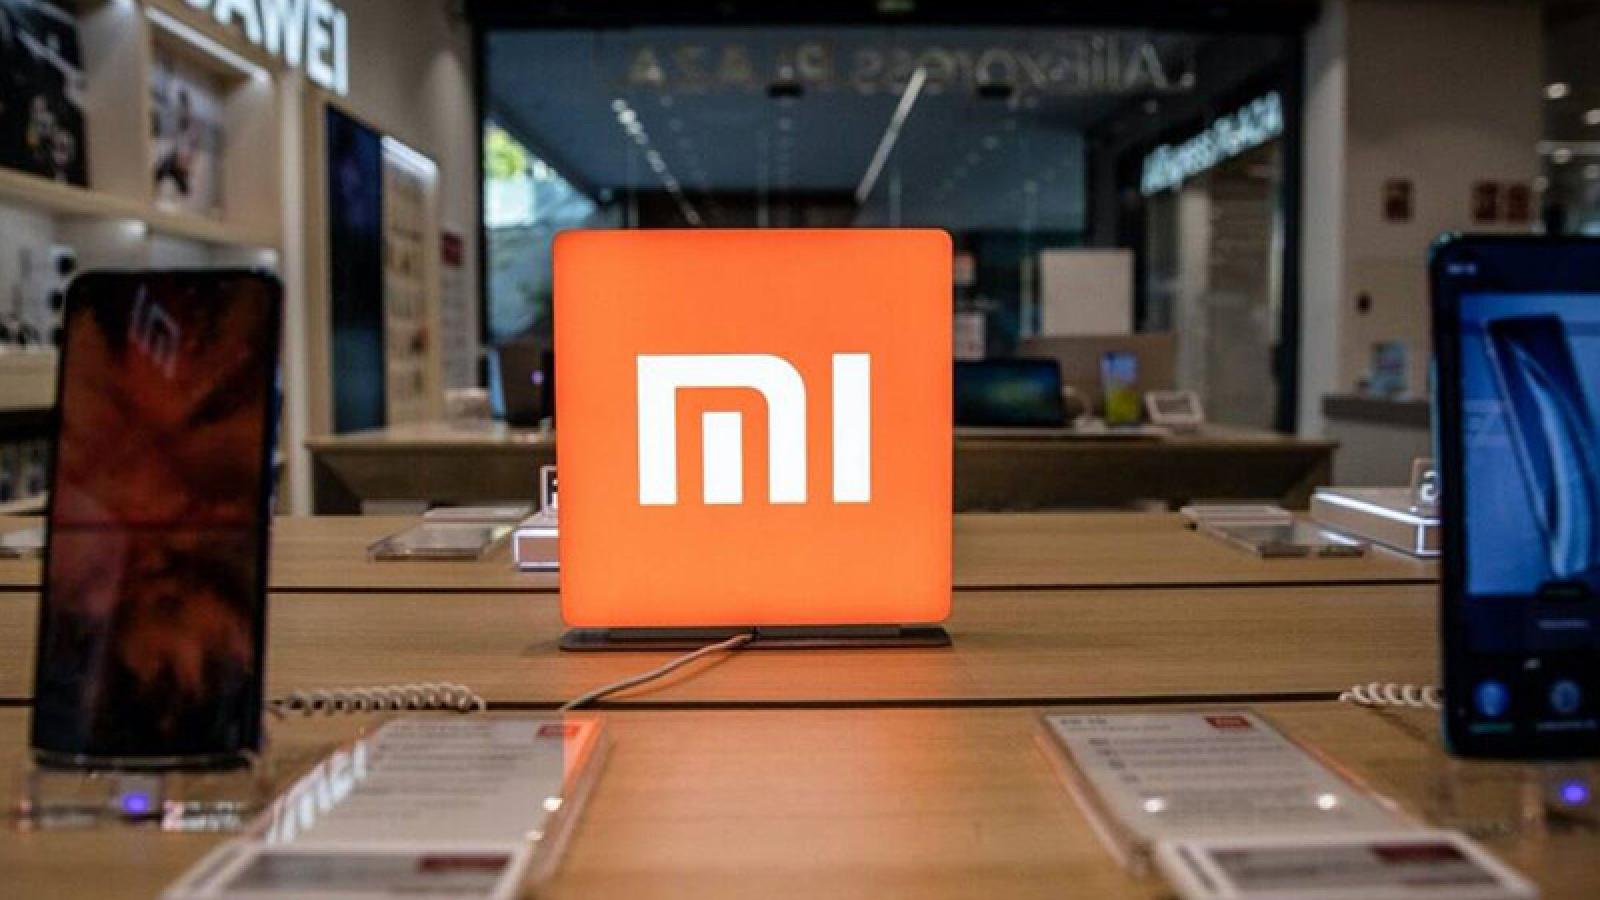 Xiaomi đệ đơn ra tòa chống lại lệnh cấm của Mỹ